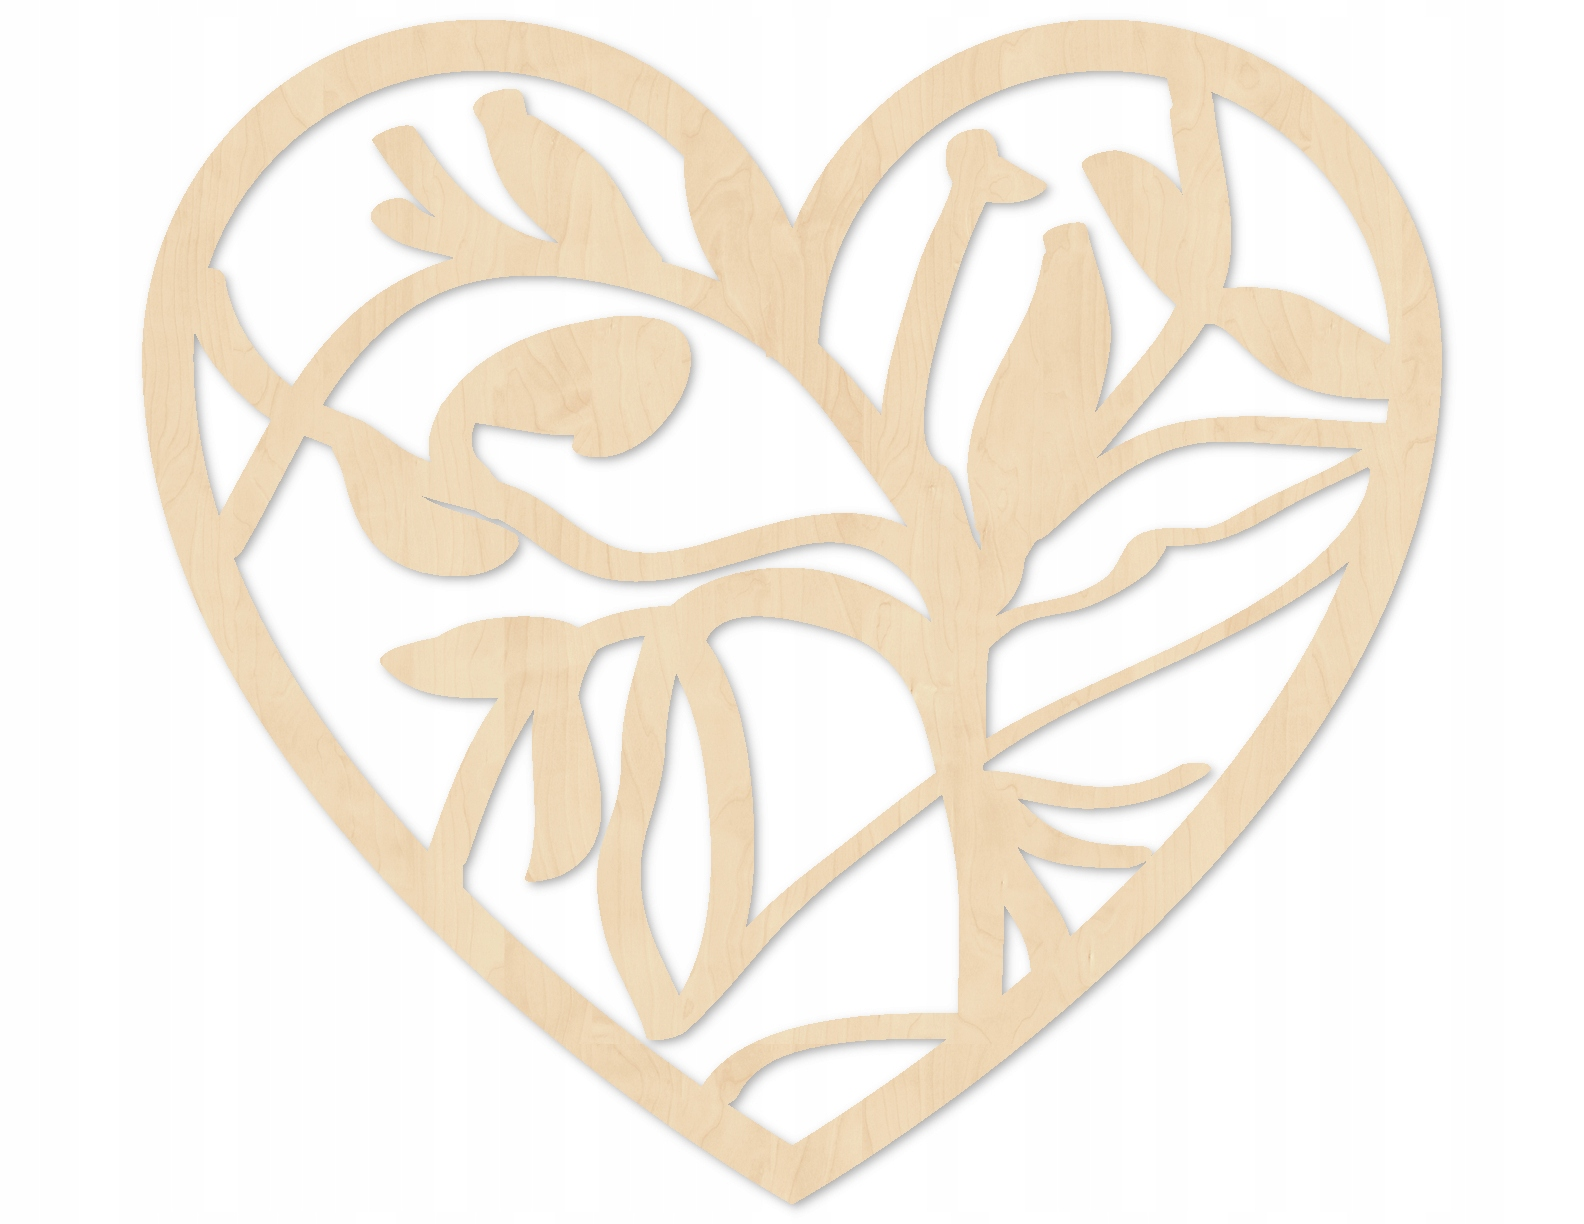 Serce ażurowe 10 cm, drewniane, ażur, decoupage